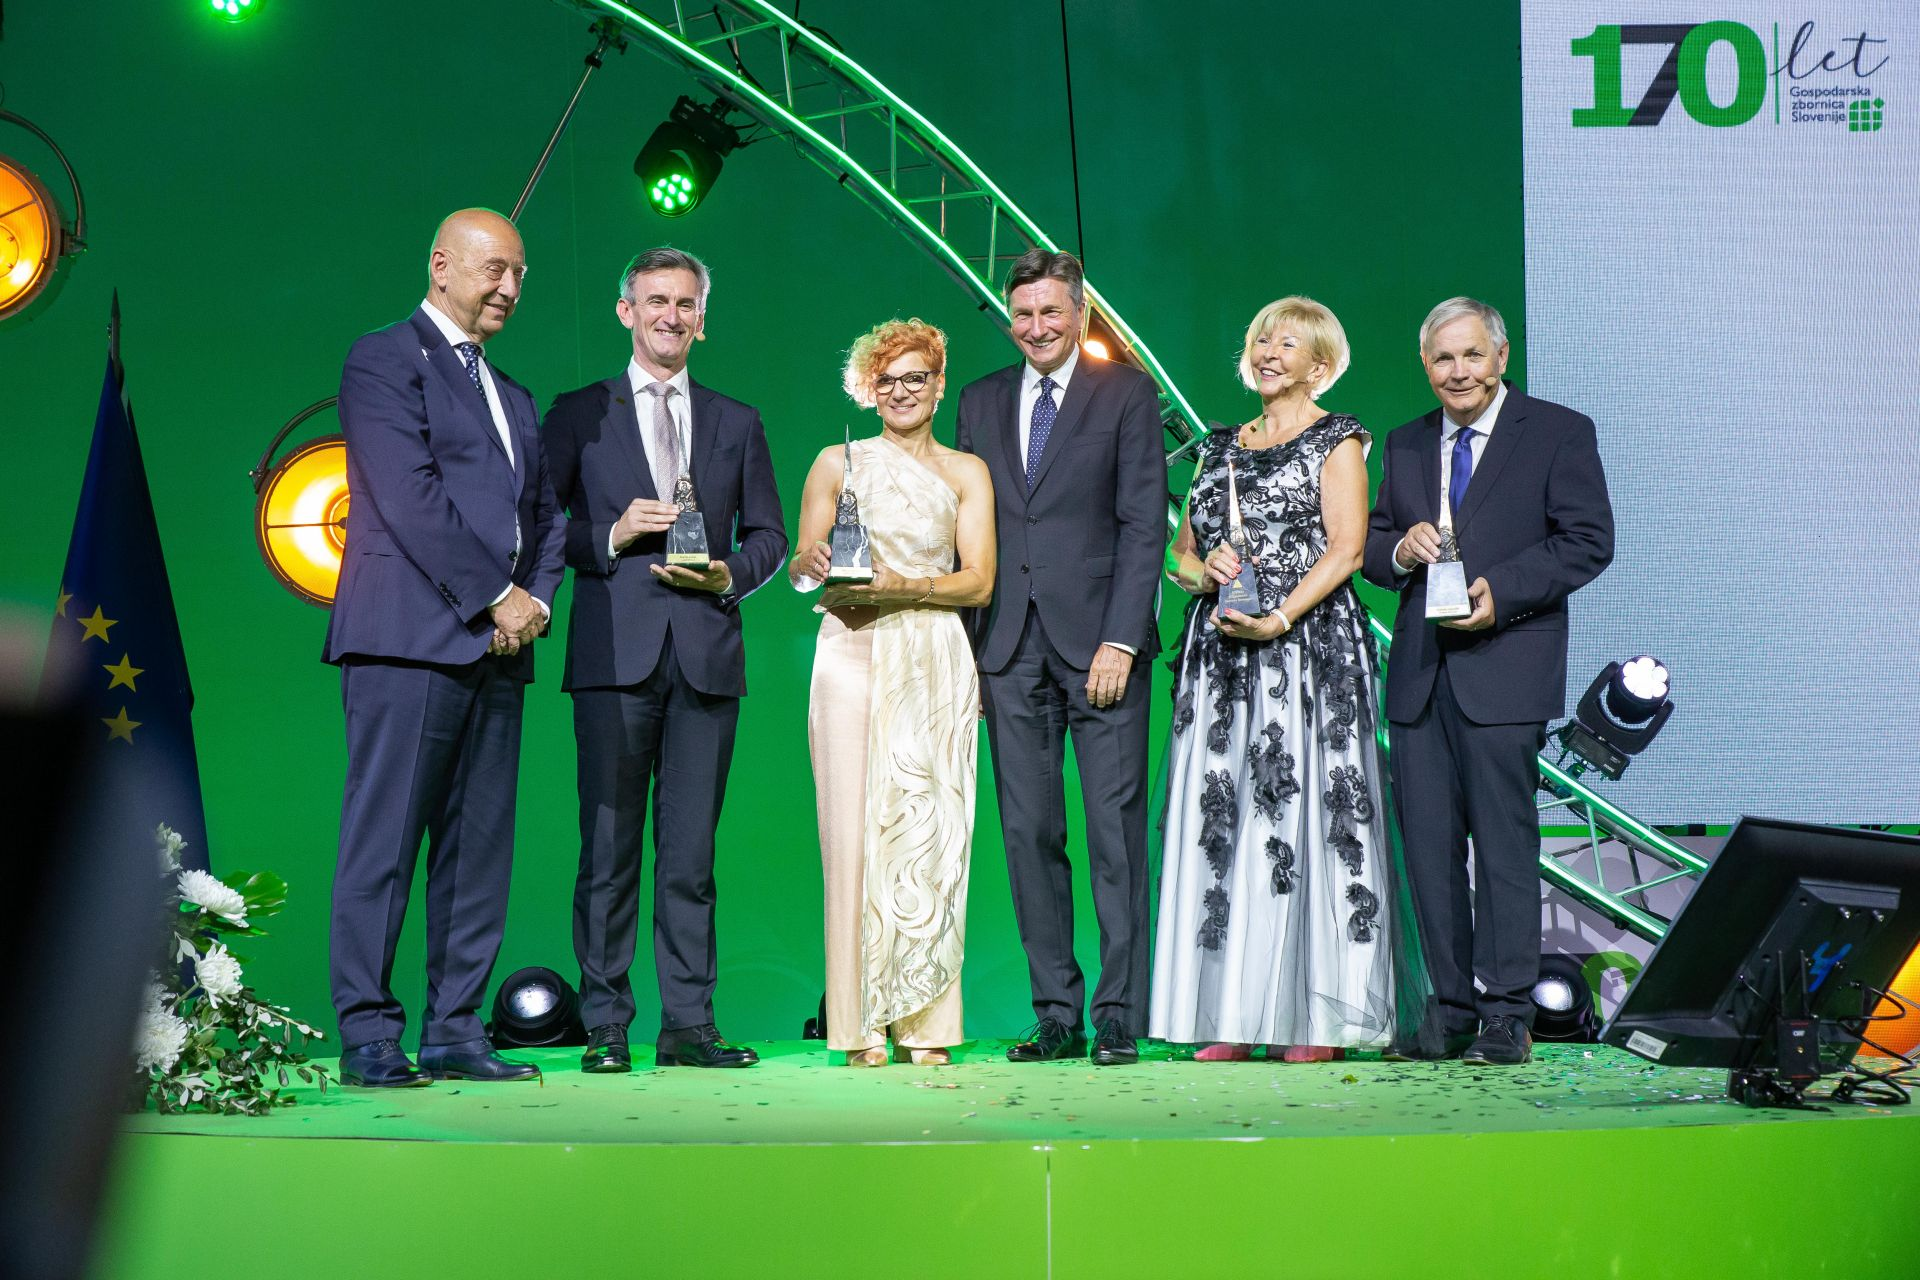 Adria_Home_GZS awards 2021_066